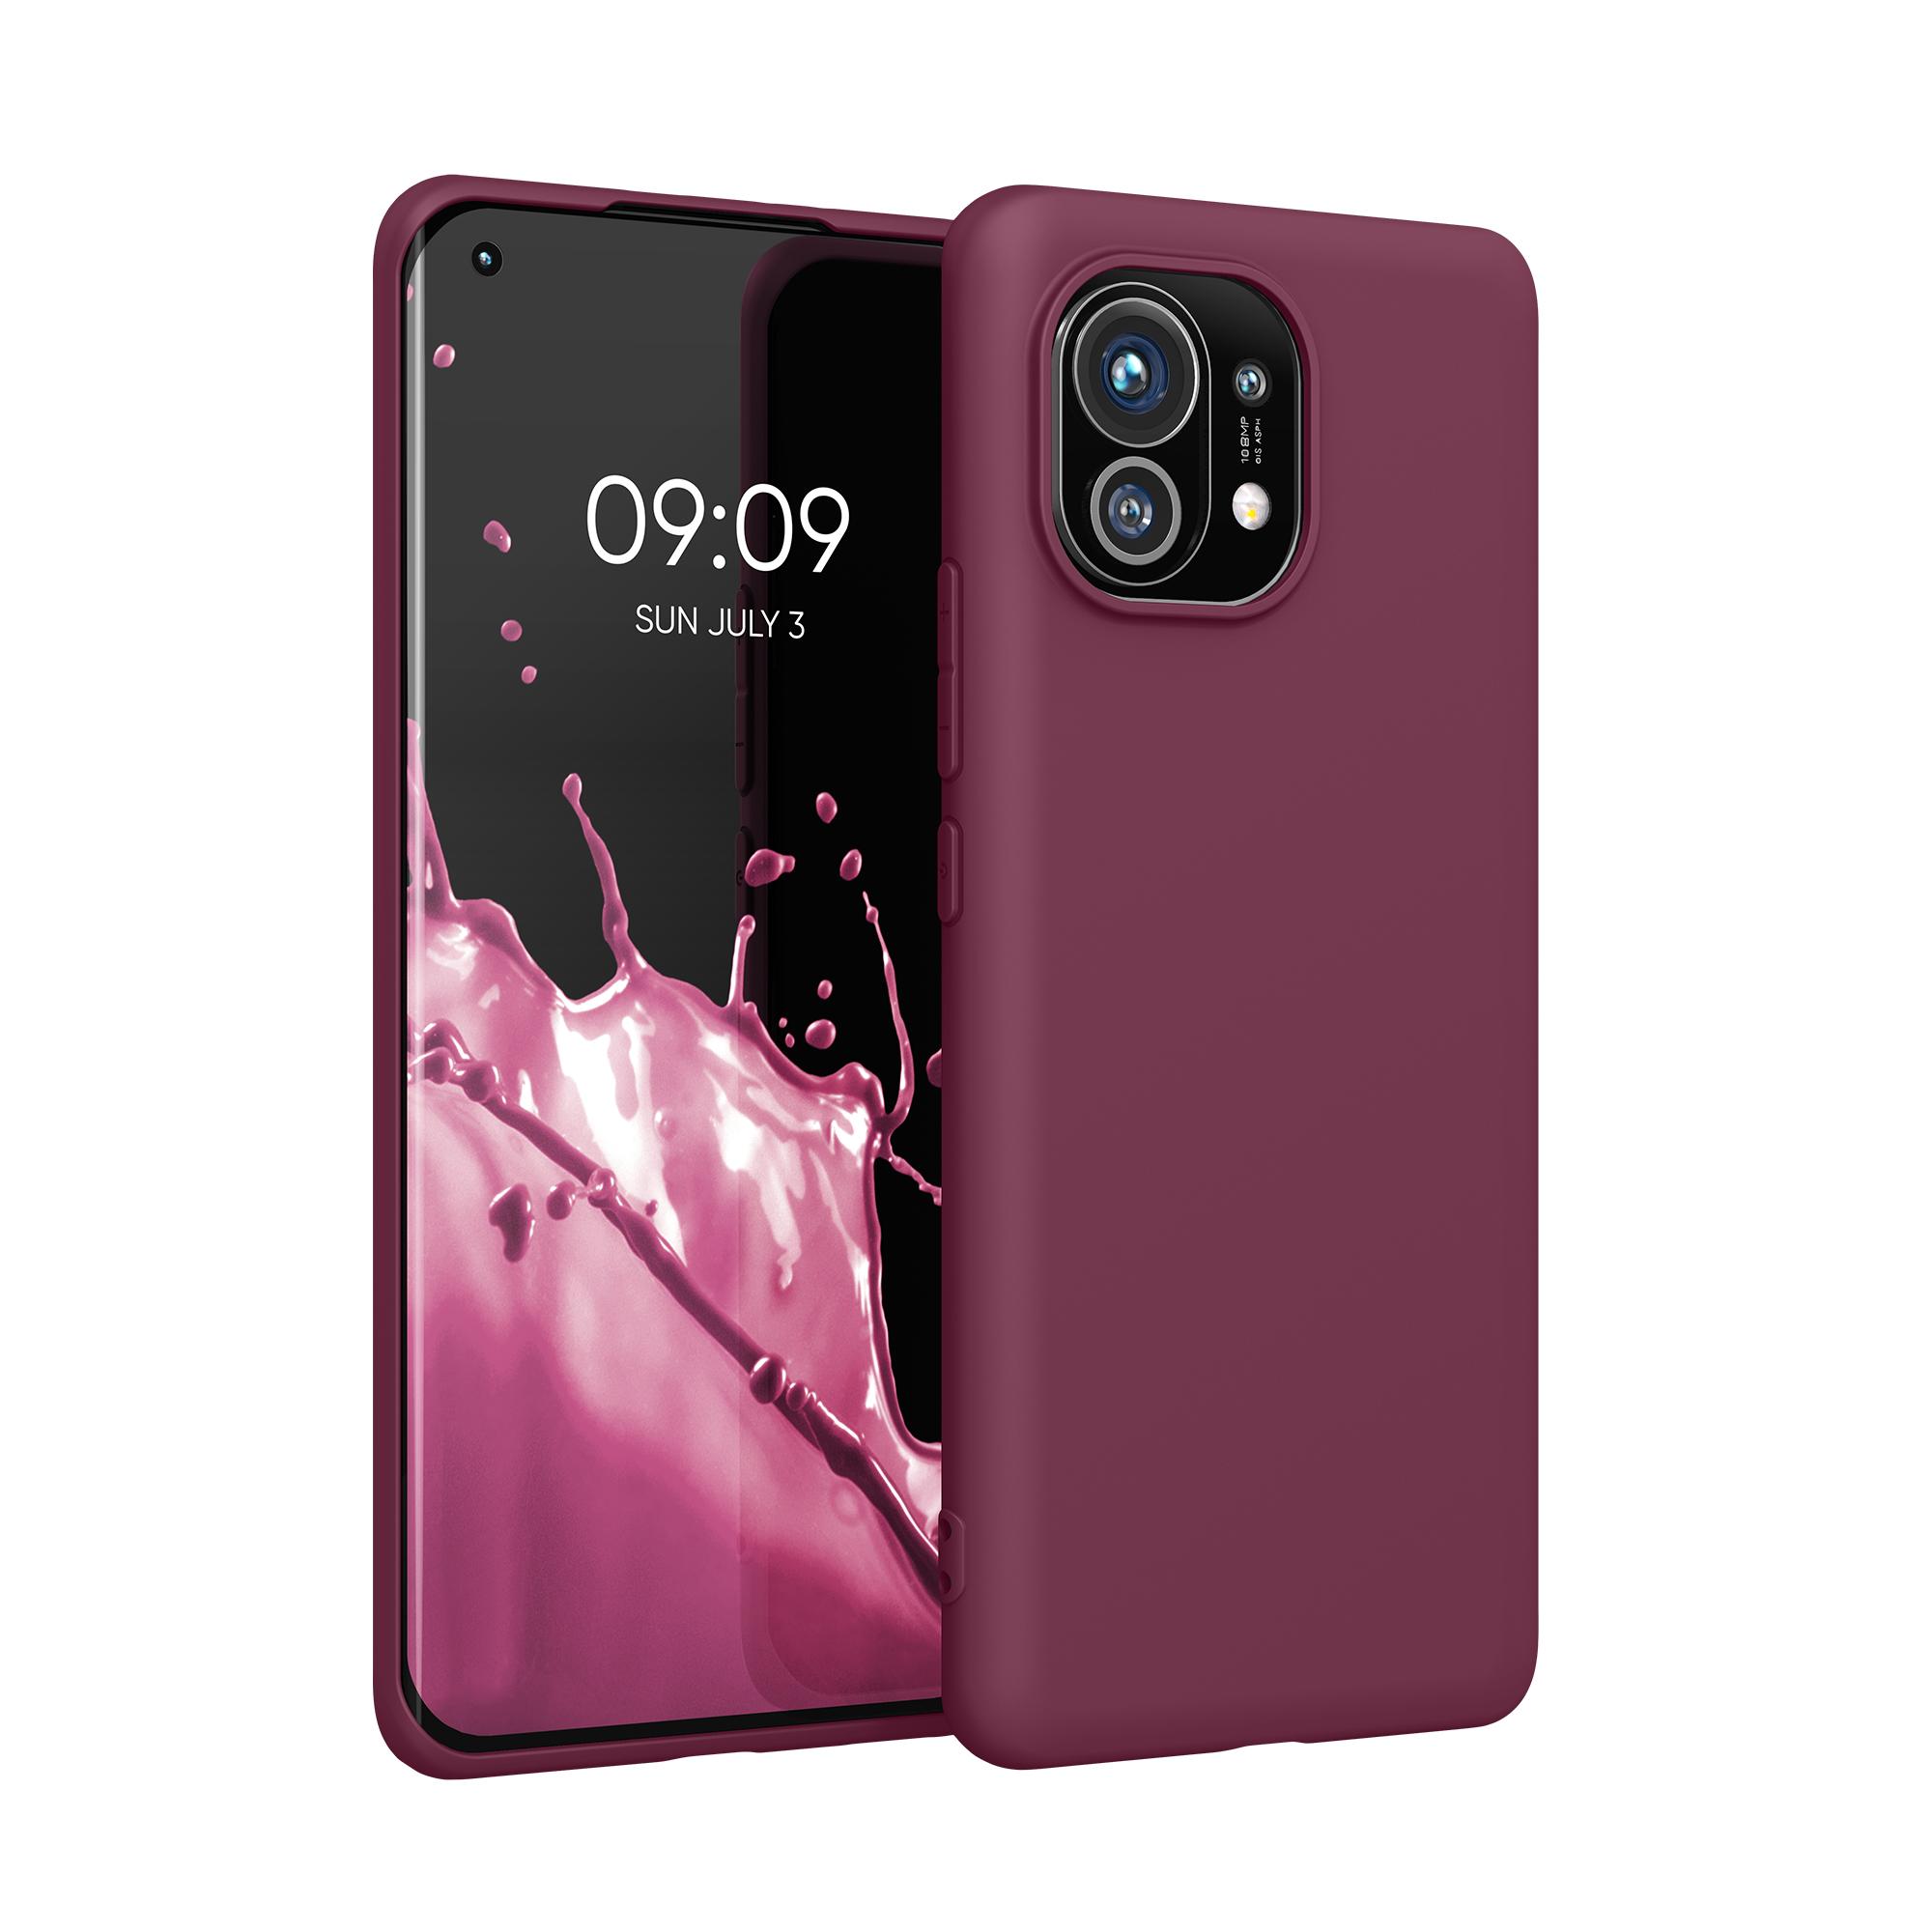 Kvalitní silikonové TPU pouzdro | obal pro Xiaomi Mi 11 -  Bordeauxská fialová